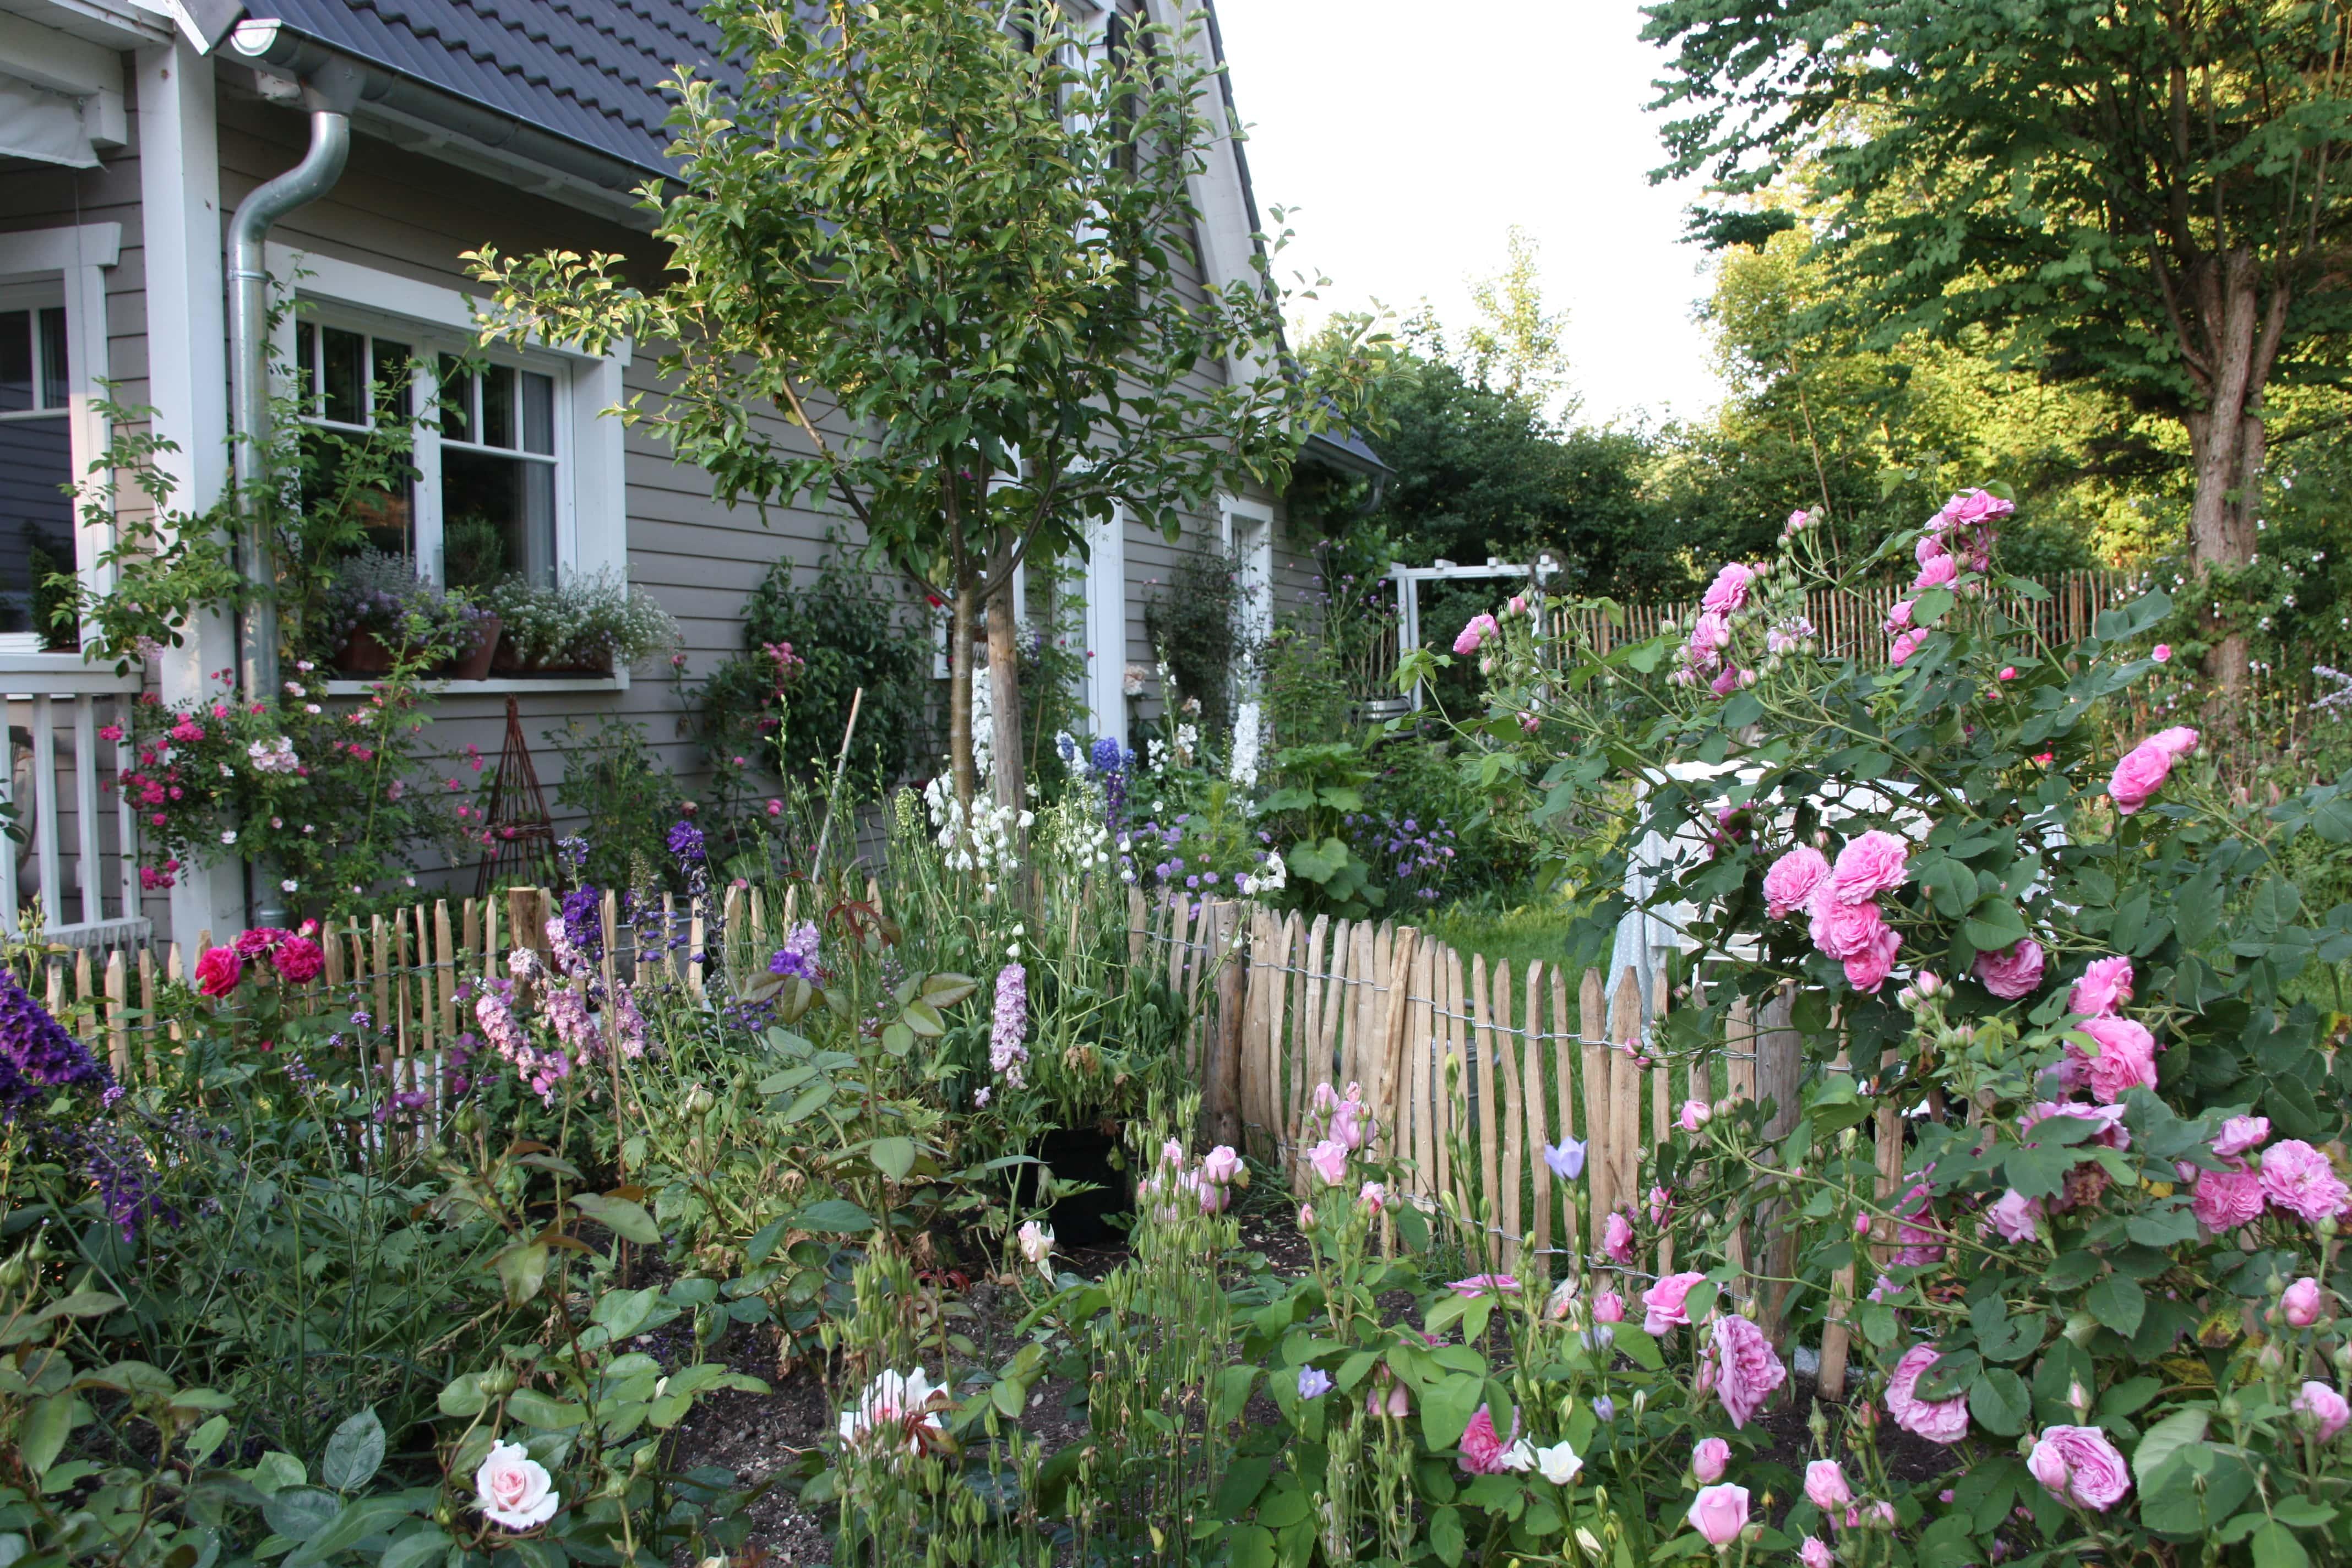 gartentrend 2021 cottage garden desmondo